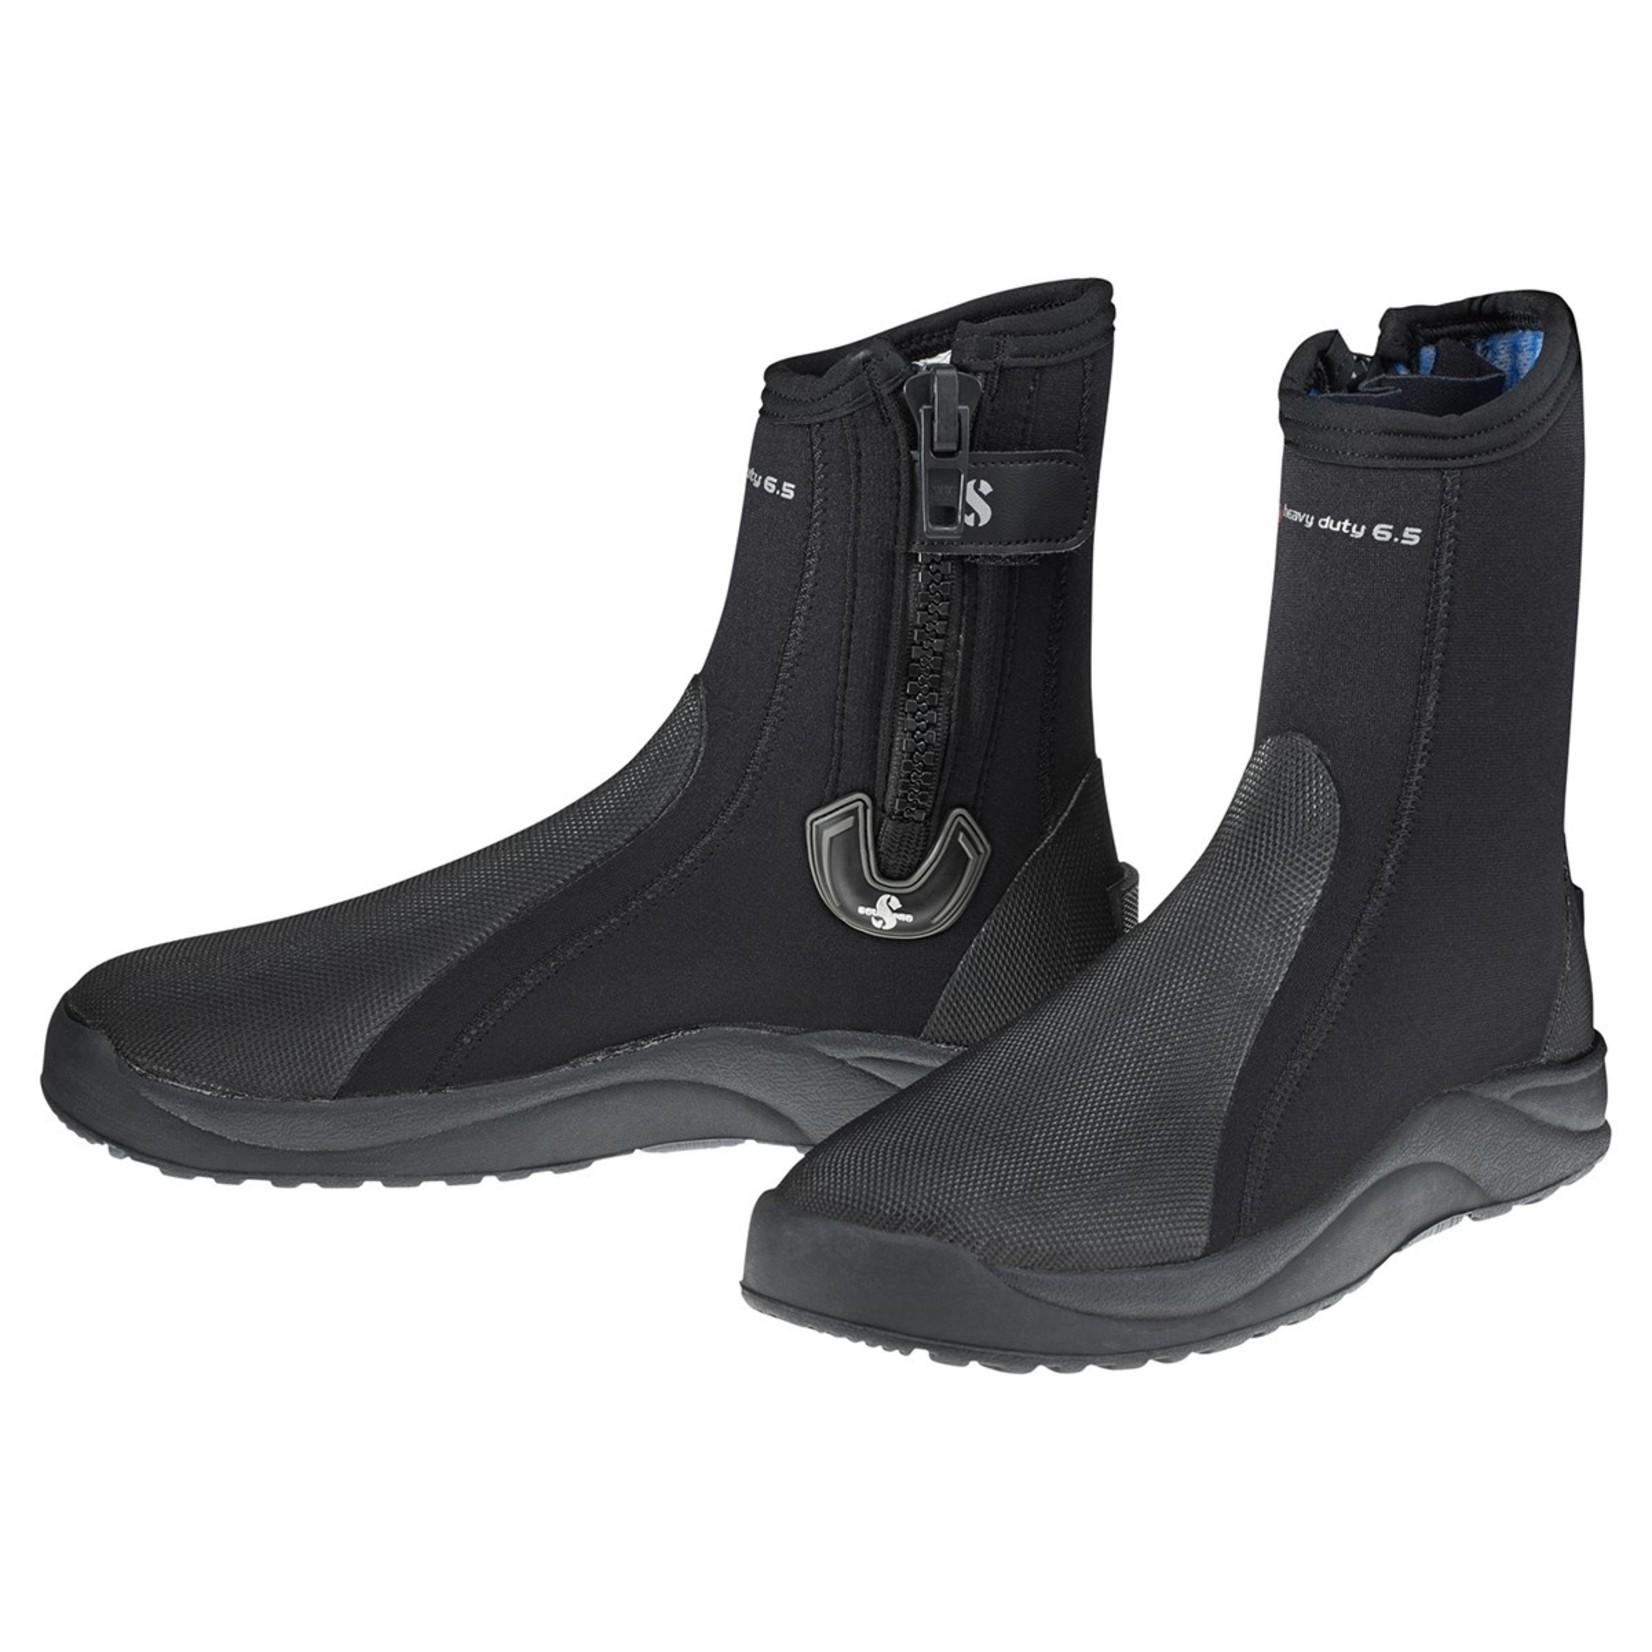 Scubapro Heavy Duty Boot